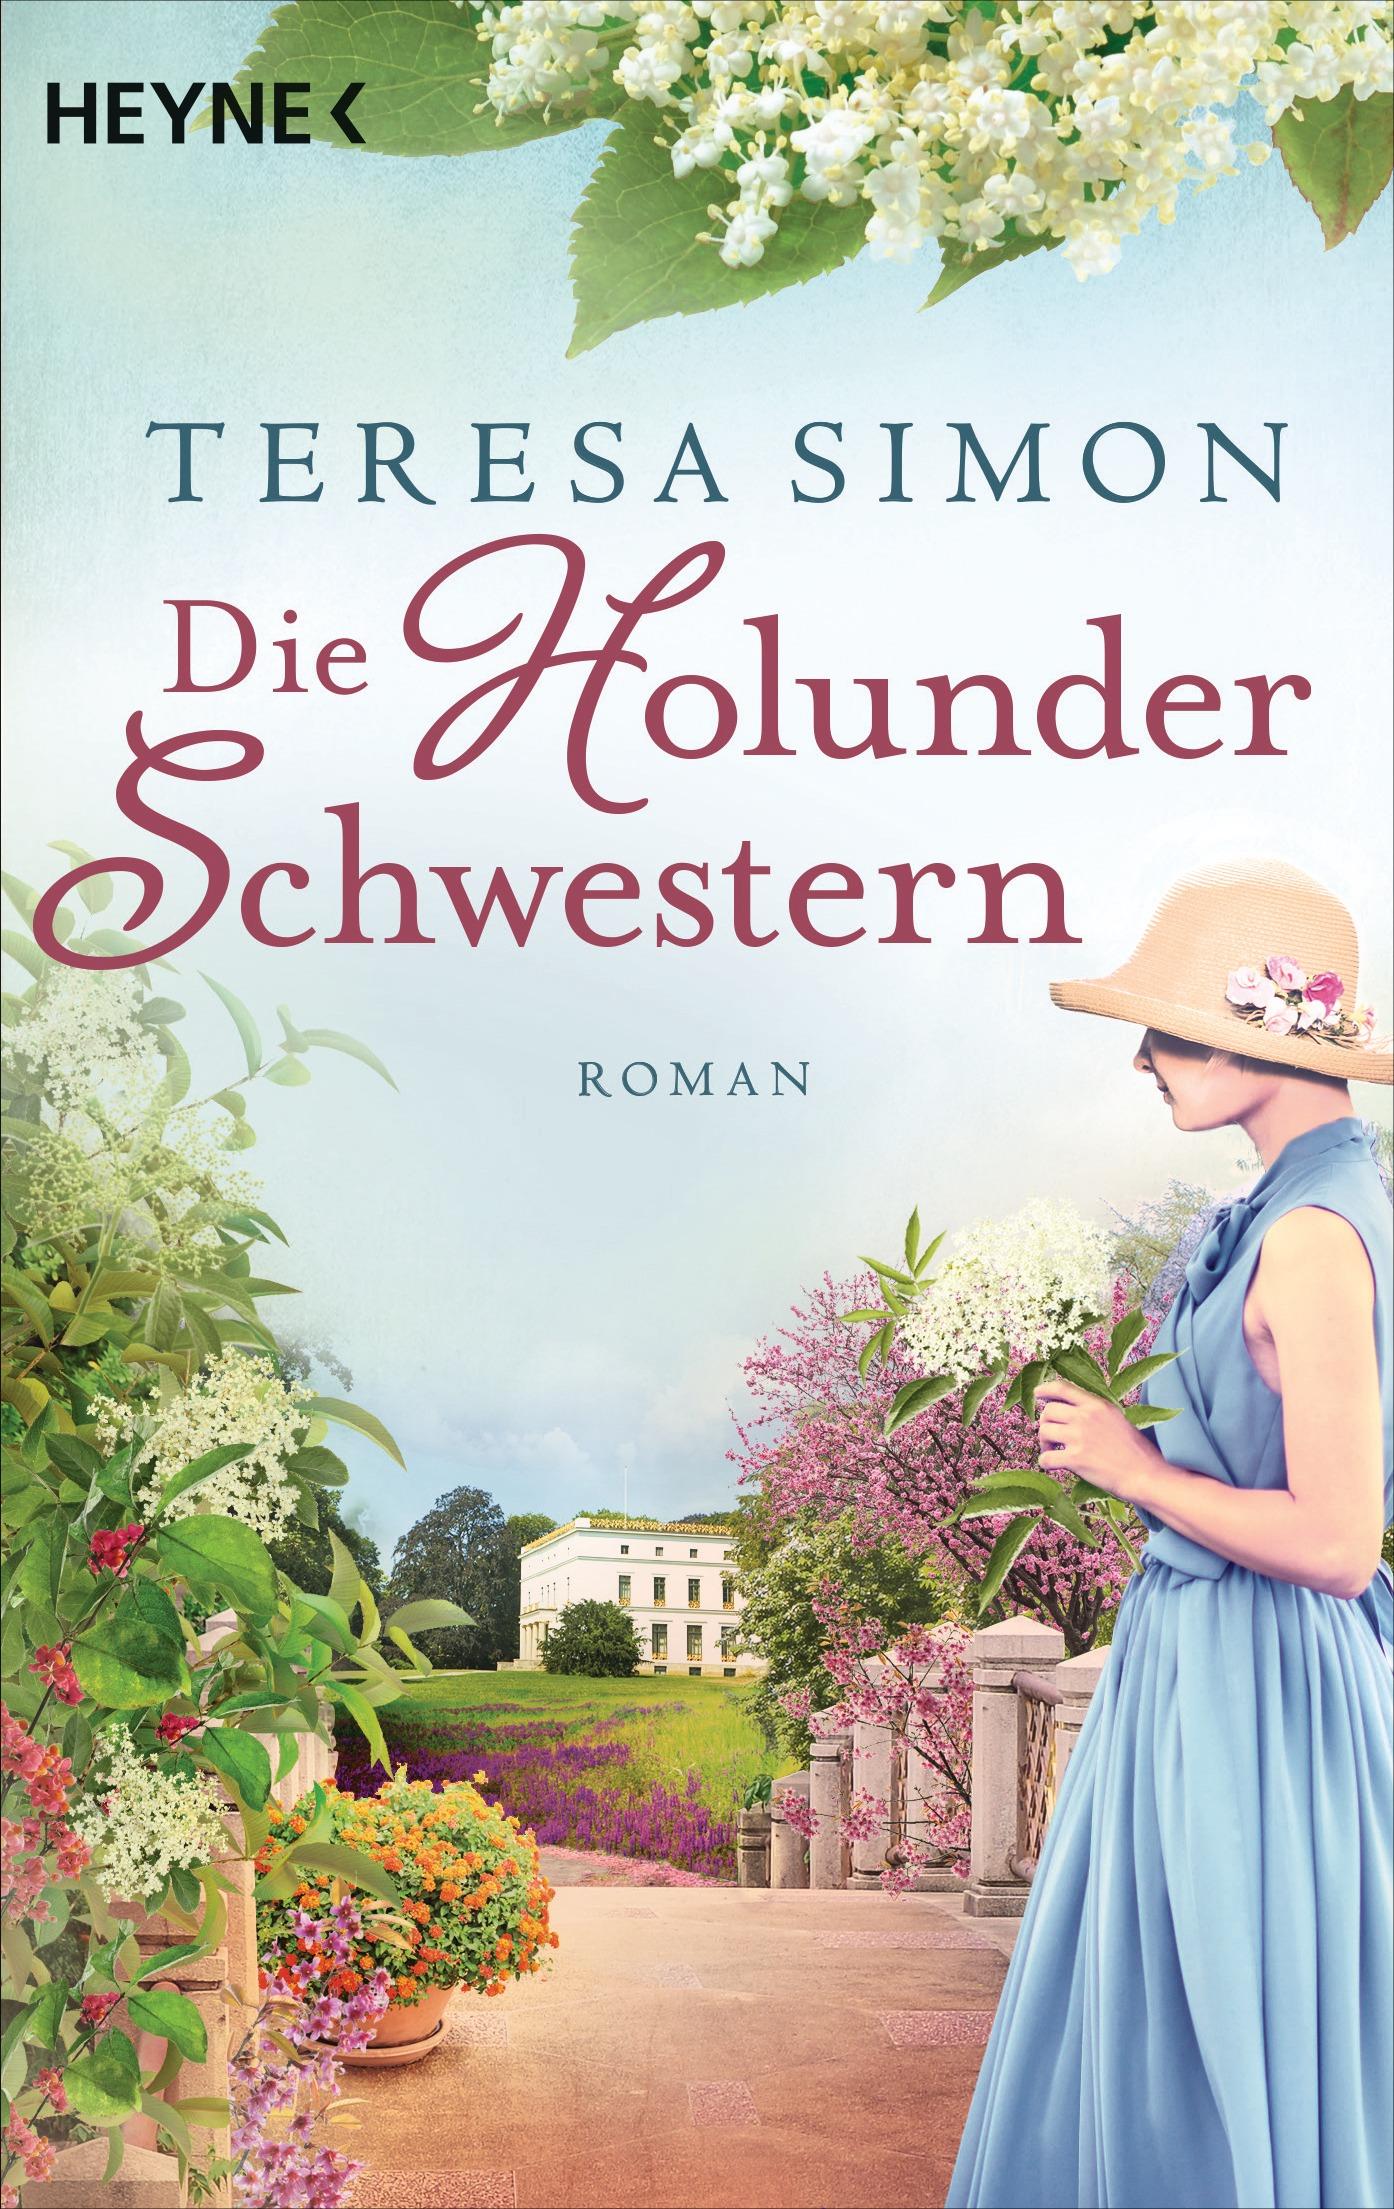 Die Holunderschwestern von Teresa Simon © Heyne Verlag